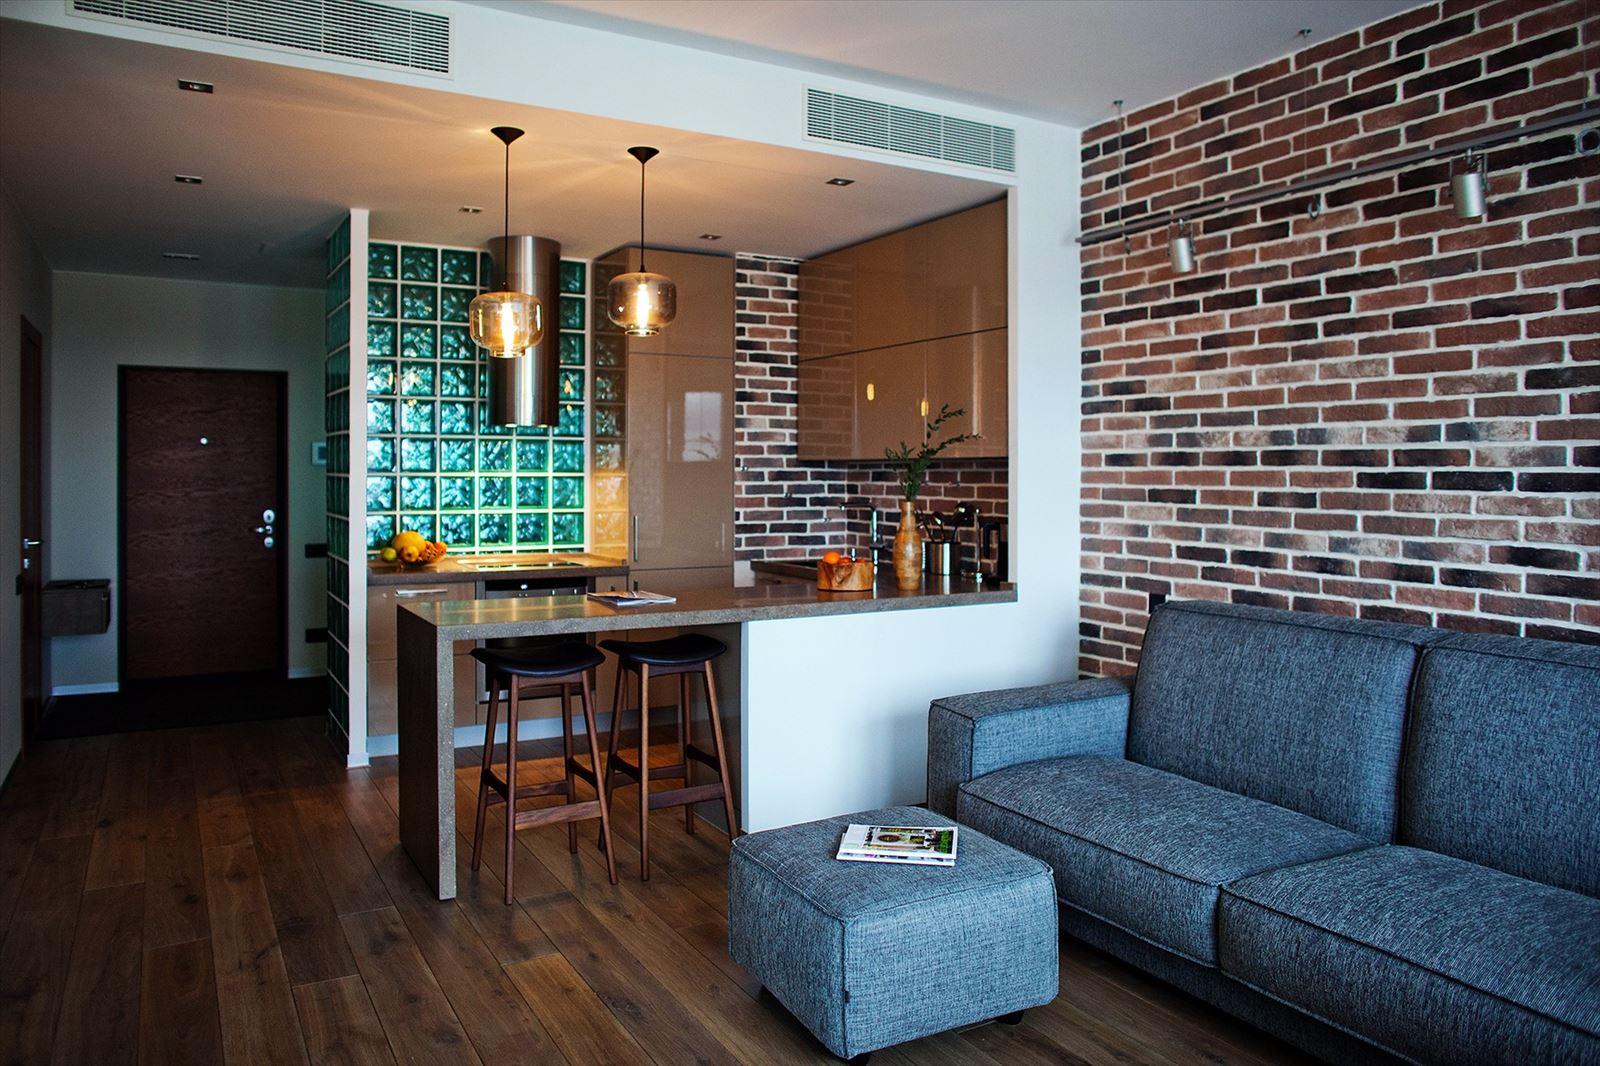 узнаете дизайн лофт однокомнатной квартиры ДОГОВОР возмездного